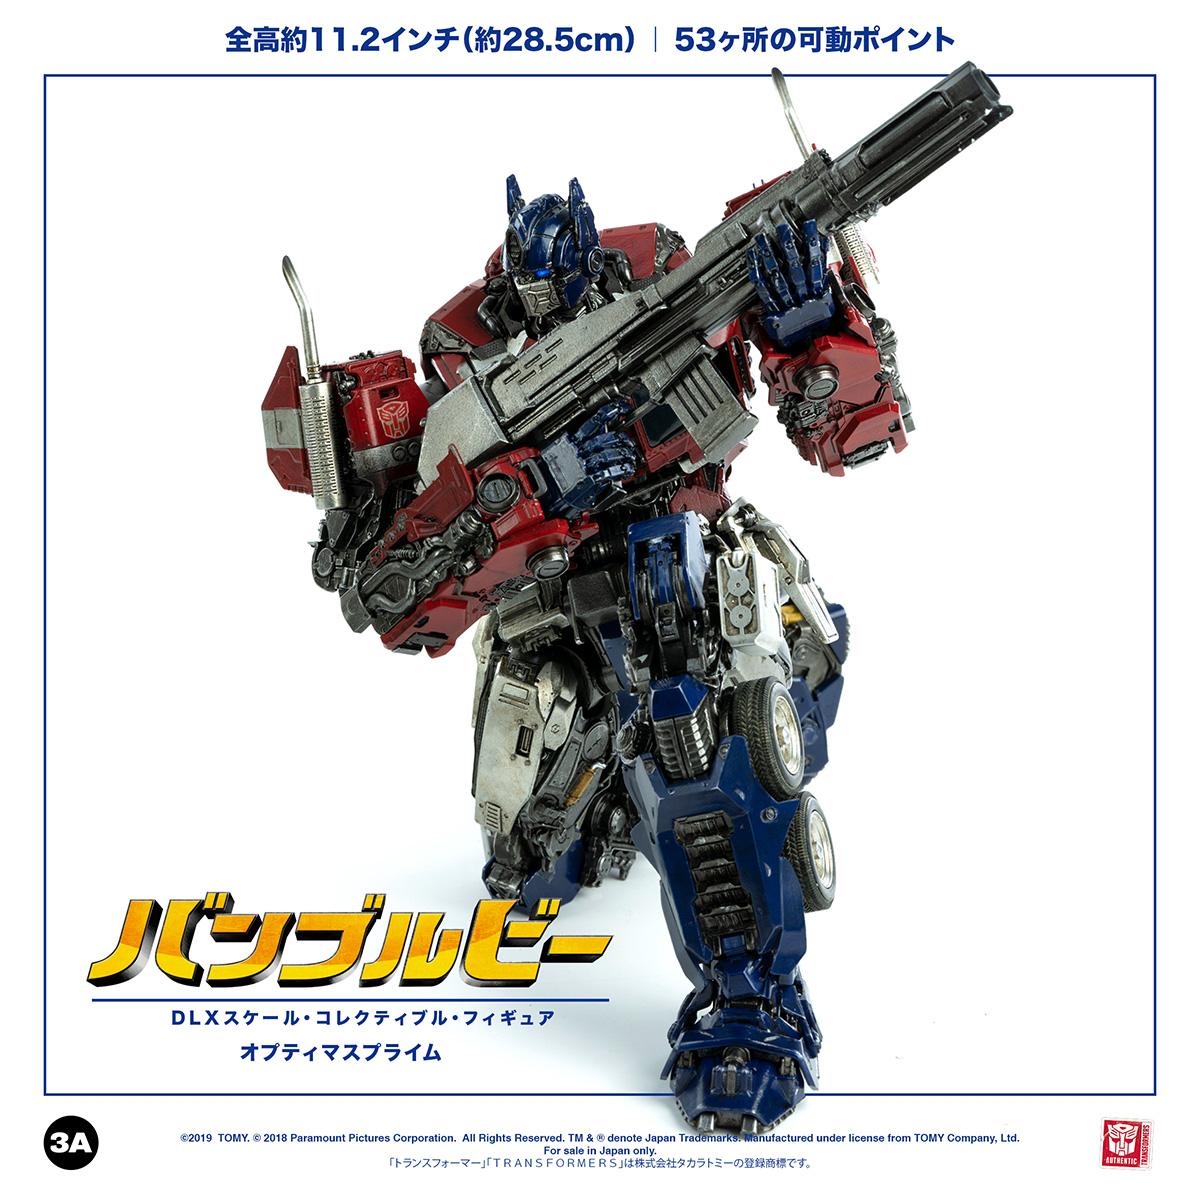 OP_DLX_JAP_5966.jpg